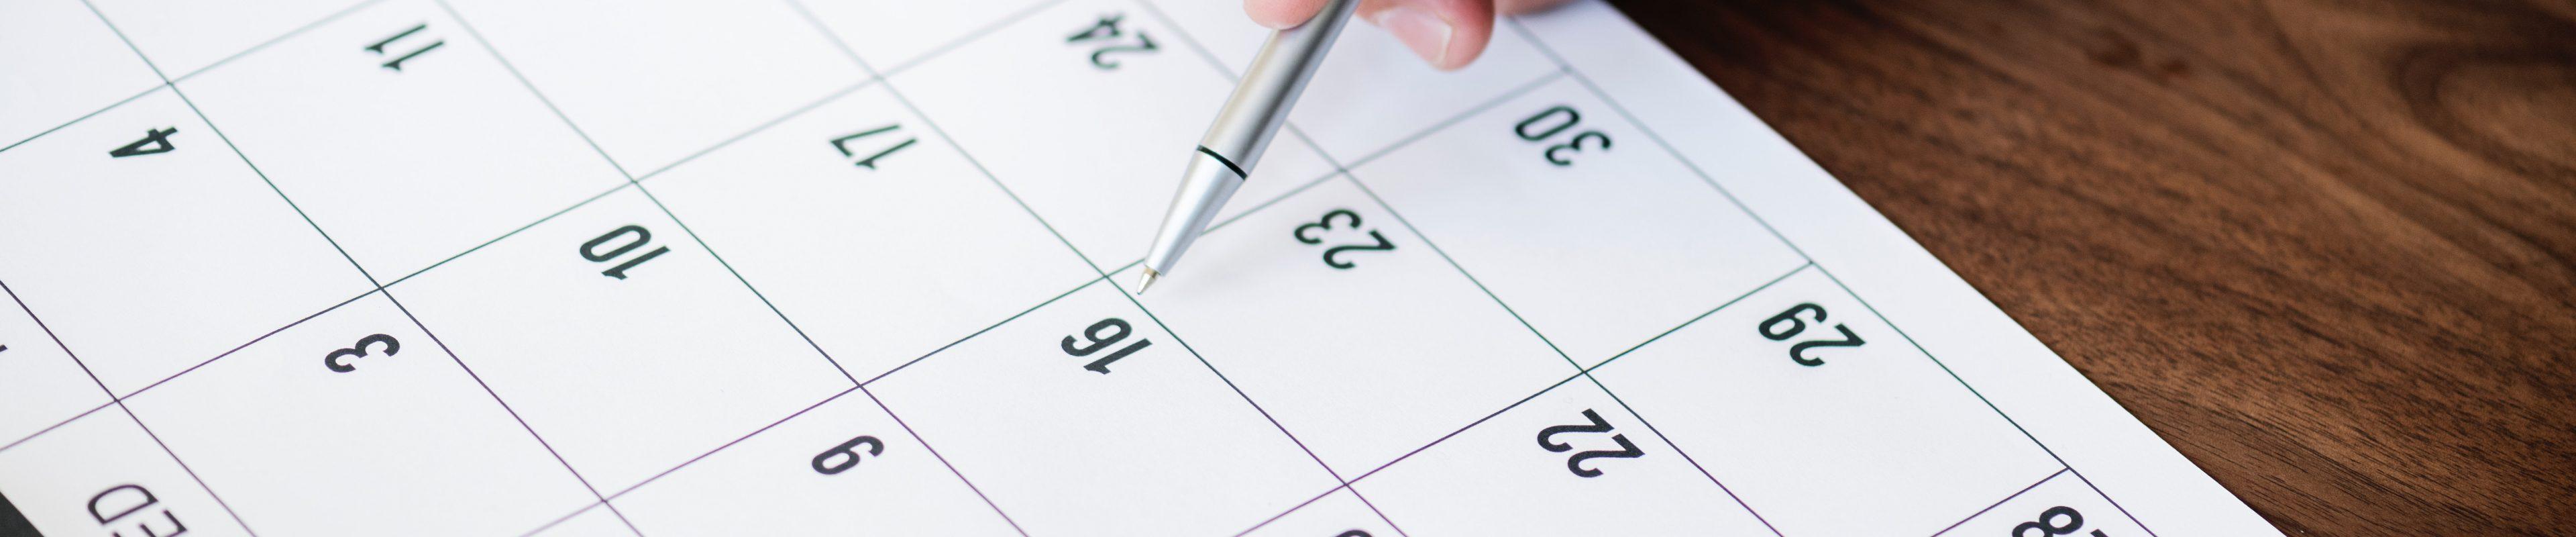 Sie benötigen schnell einen Termin zur Beratung oder für psychologische Hilfe? Sie wollen keine langen Wartezeiten? Entlastende Gespräche werden kurzfristig angeboten.